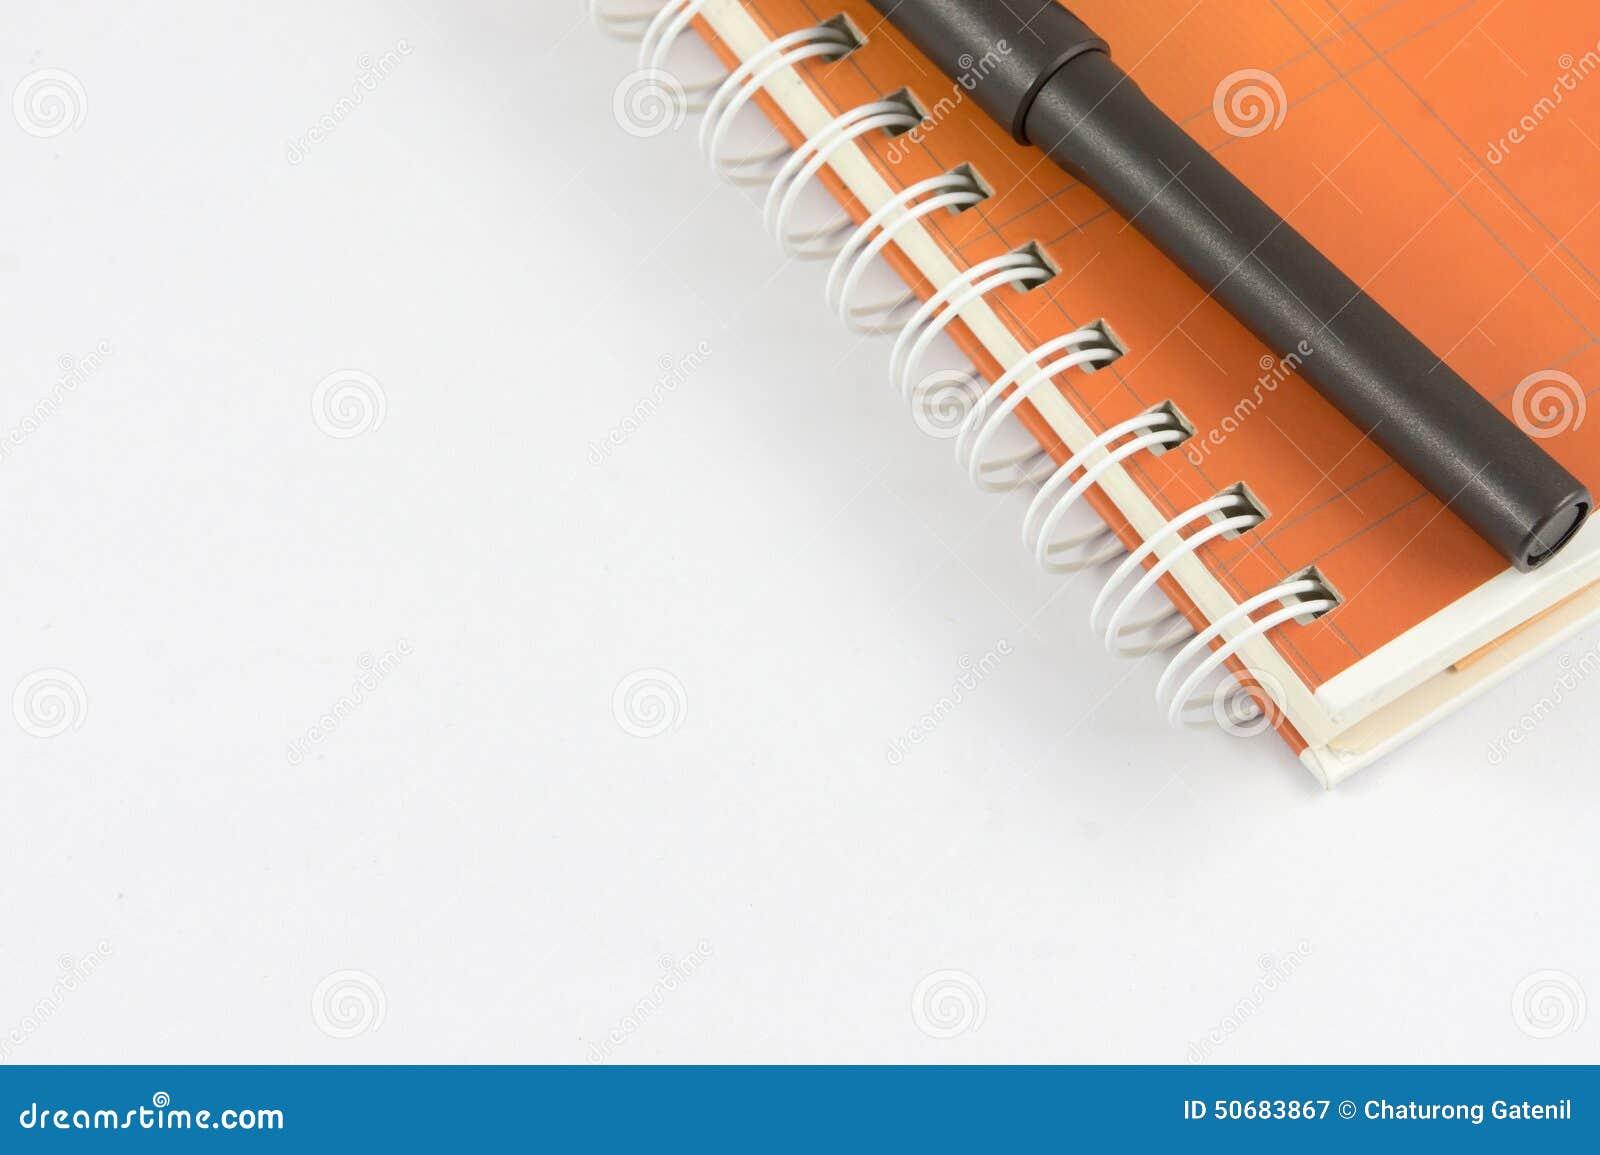 Download 橙色笔记本和黑笔 库存图片. 图片 包括有 背包, 空白, 学院, 商业, 办公室, 橙色, 工具, 通信 - 50683867